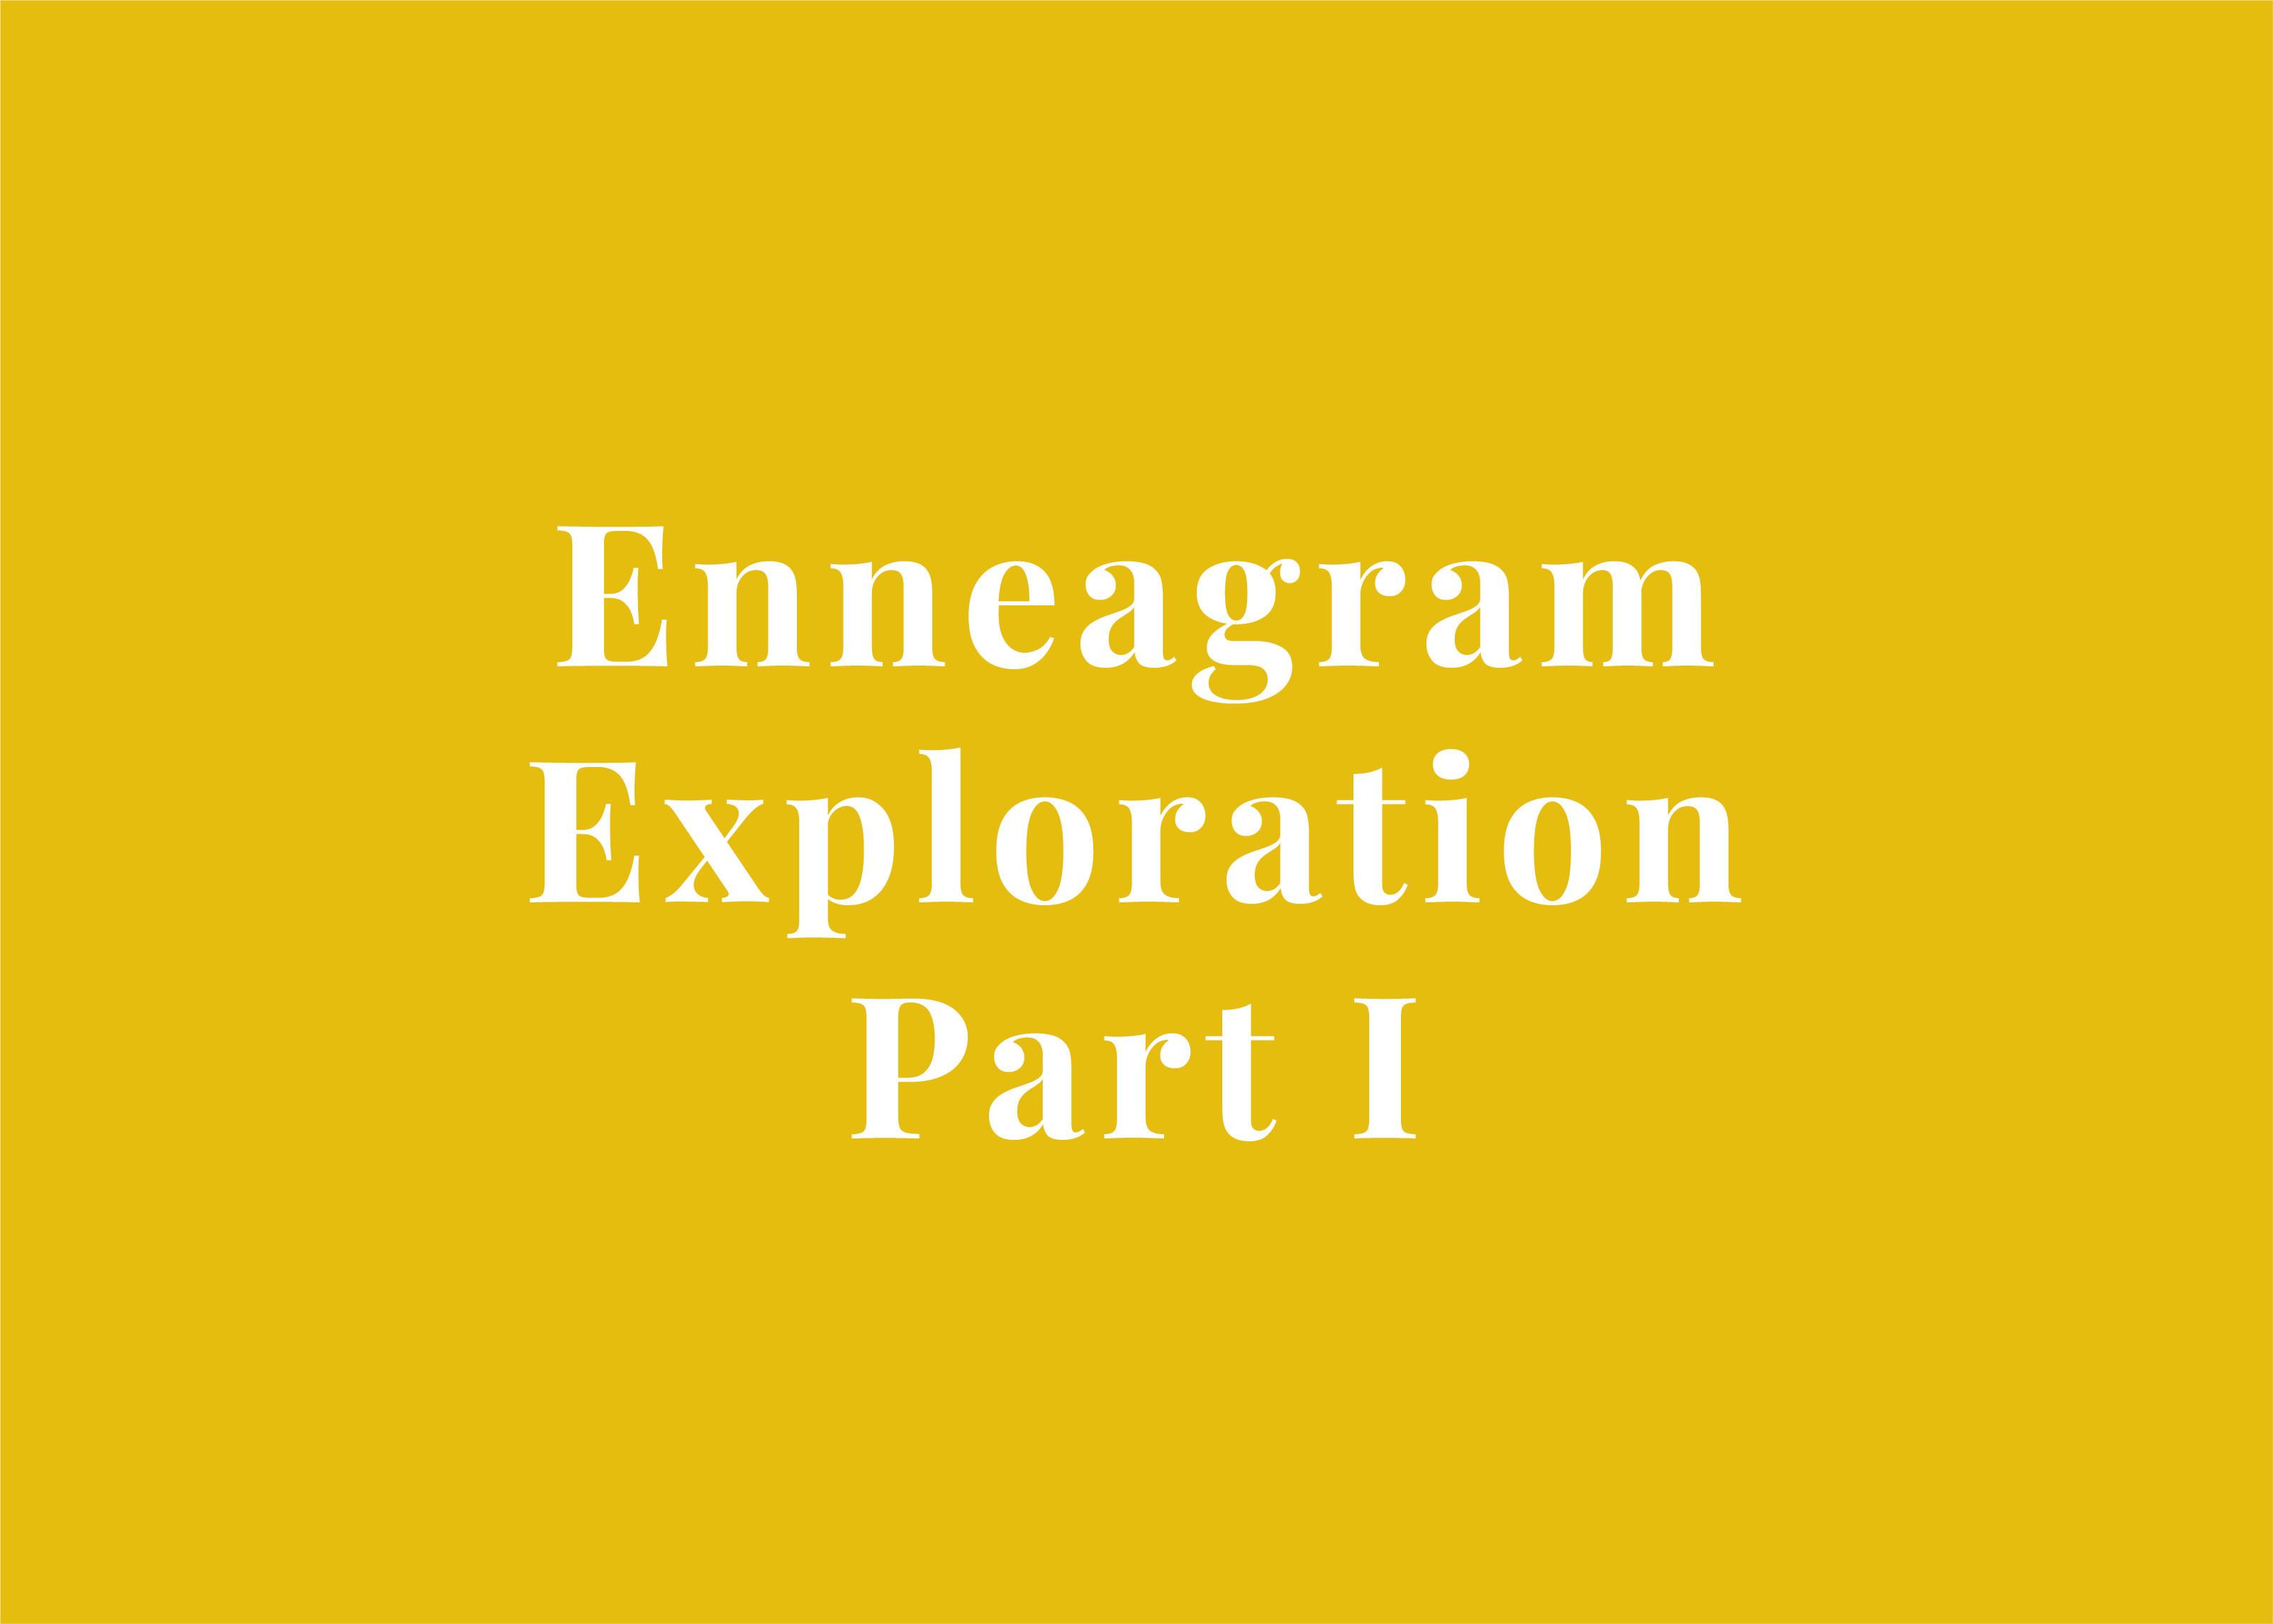 Enneagram Exploration Part I